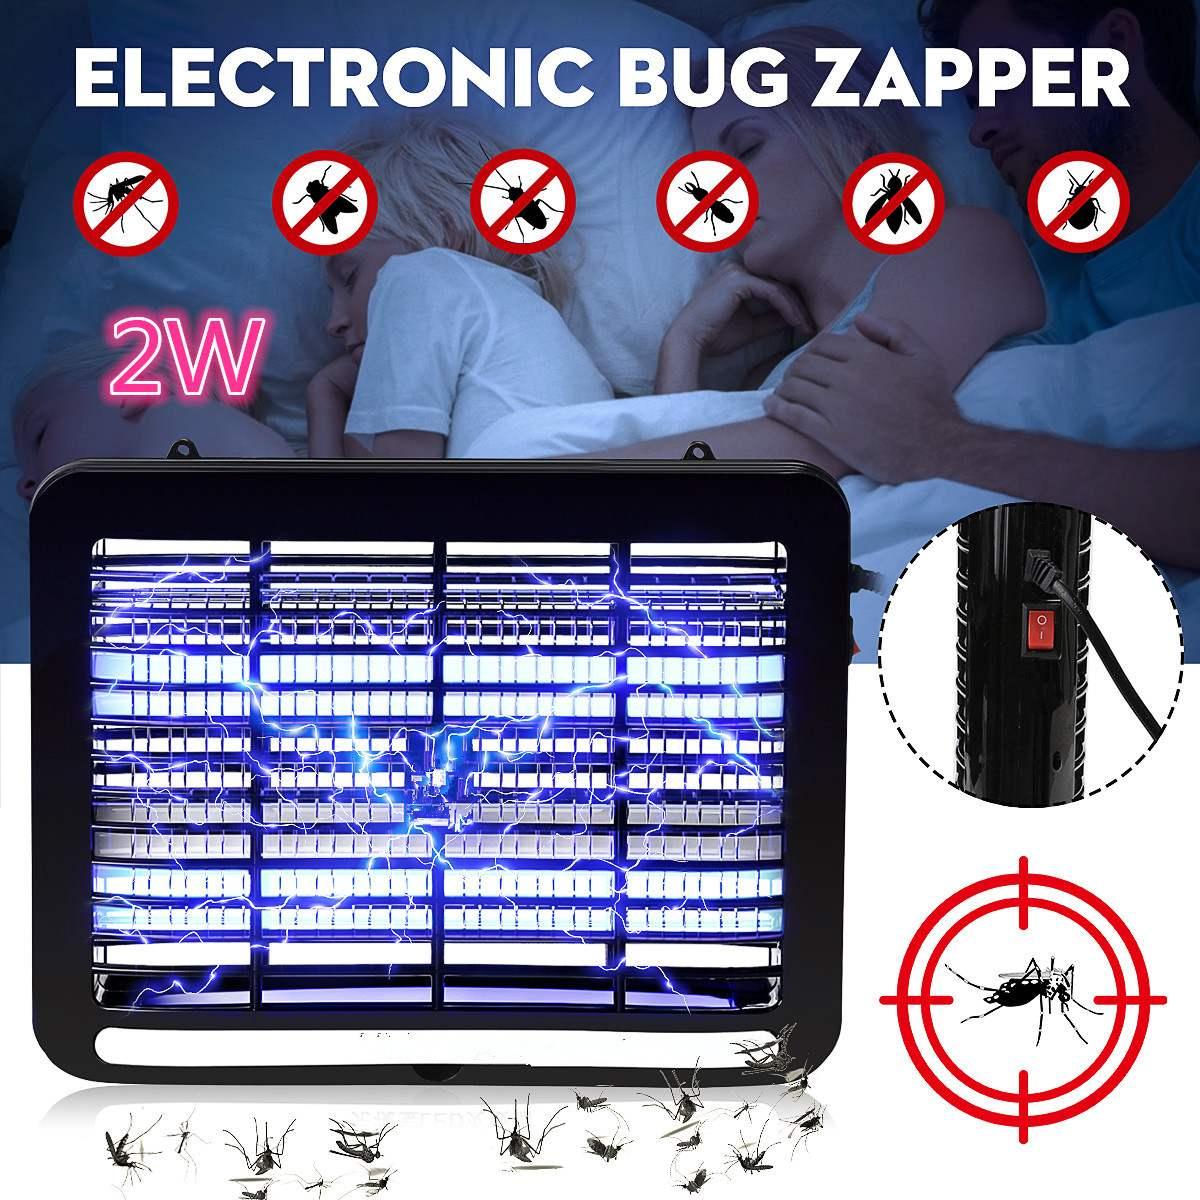 220 v 2 w led 모기 킬러 램프 led 전자 버그 재빠른 에너지 절약 실내 죽이는 repeller 안티 해충 버그 플라이 zapper 트랩